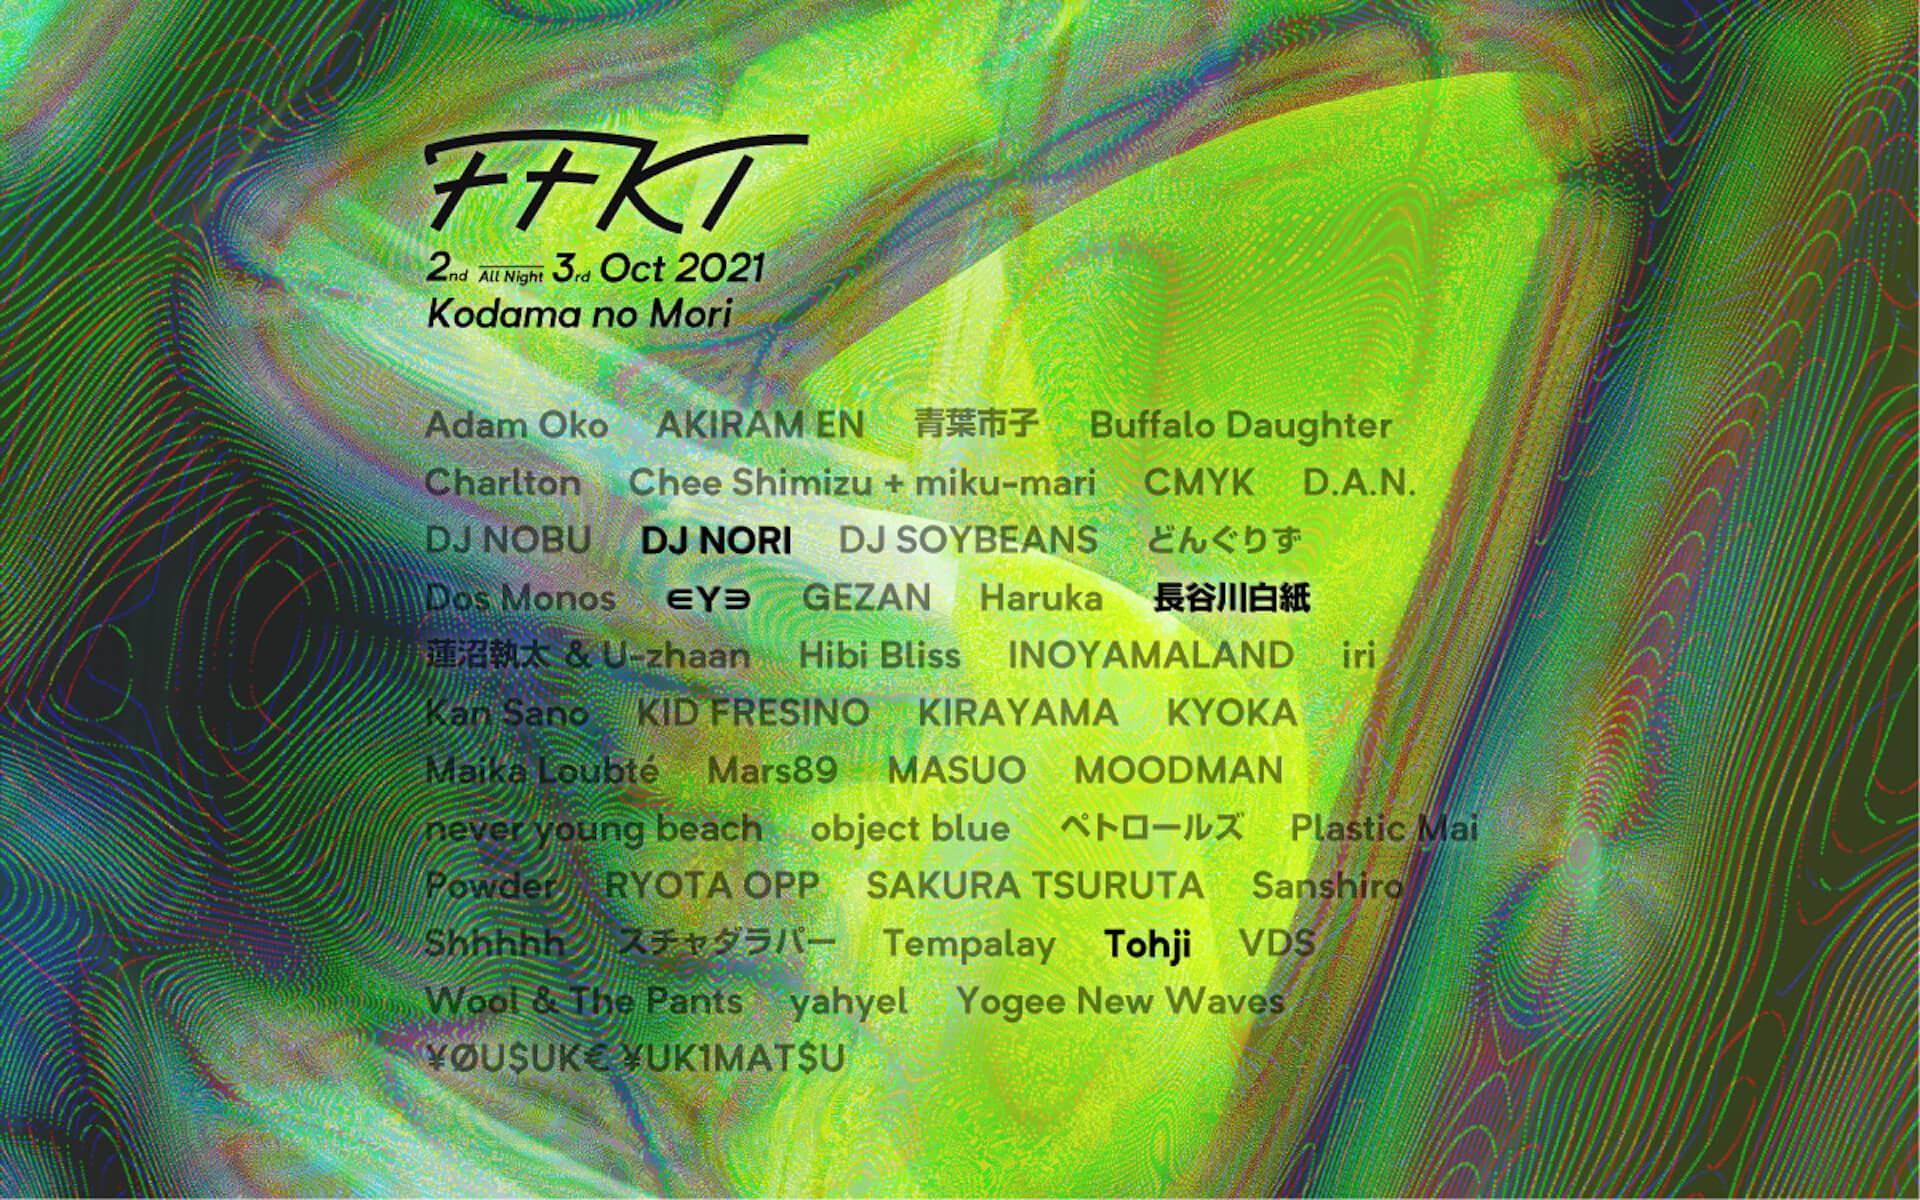 10月に延期開催の<FFKT 2021>最終ラインナップが発表!長谷川白紙、Tohji、DJ NORI、∈Y∋登場 music210720_ffkt_2